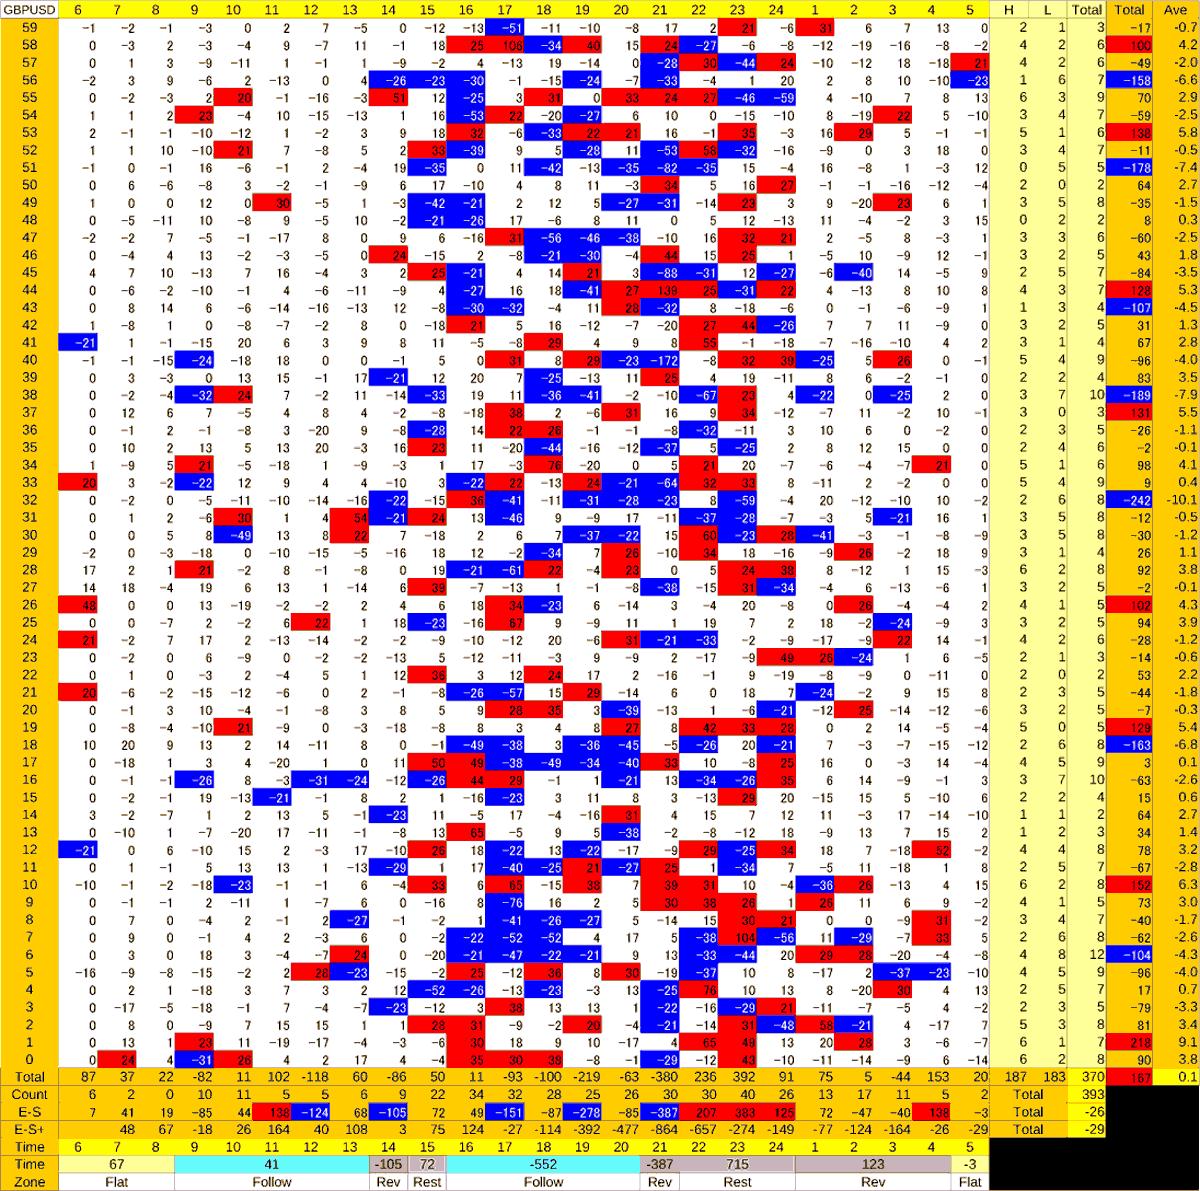 20200804_HS(2)GBPUSD